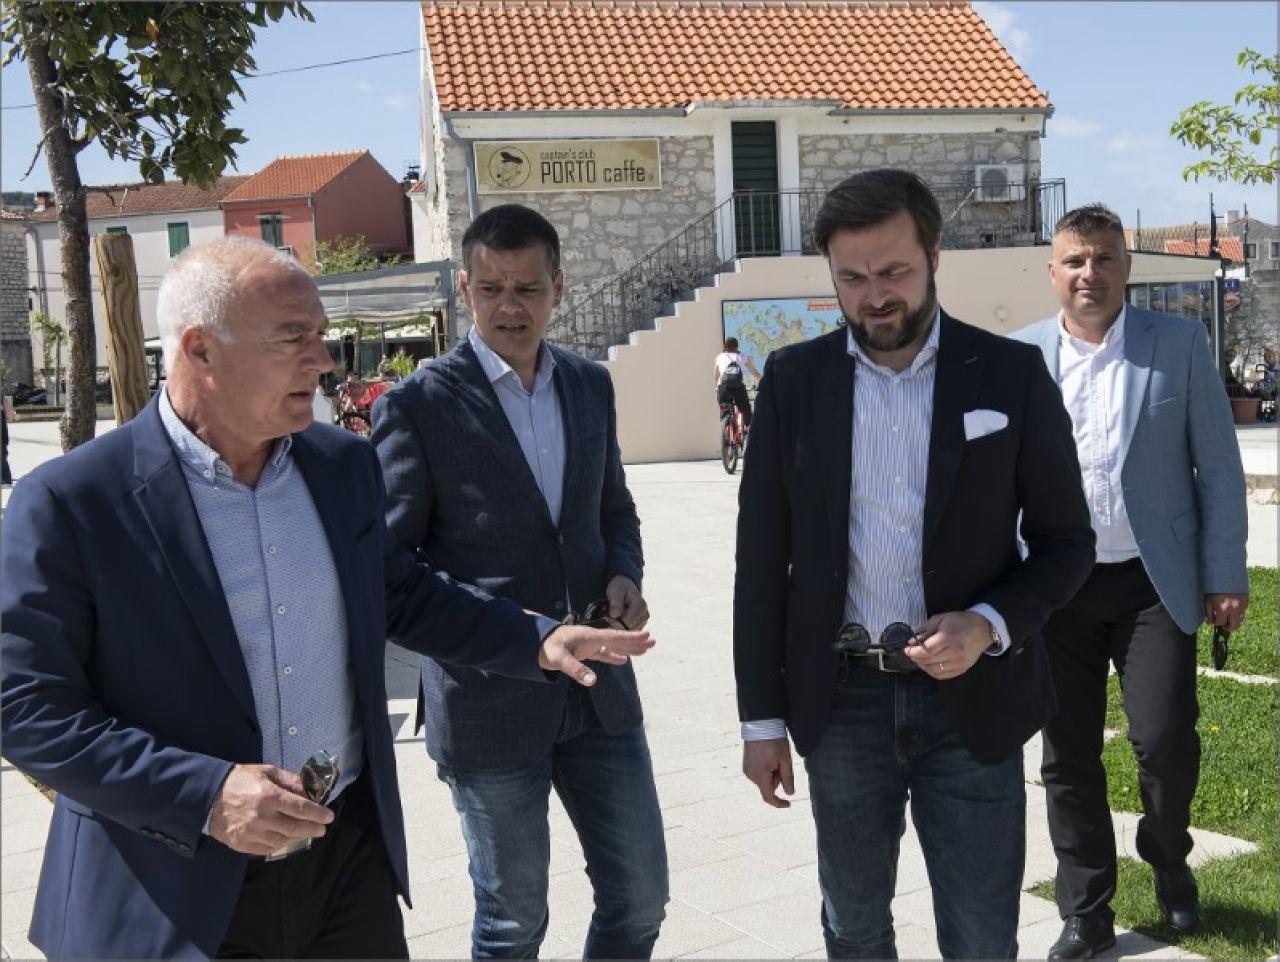 Ministar Ćorić u radnom posjetu Šibensko-kninskoj županiji